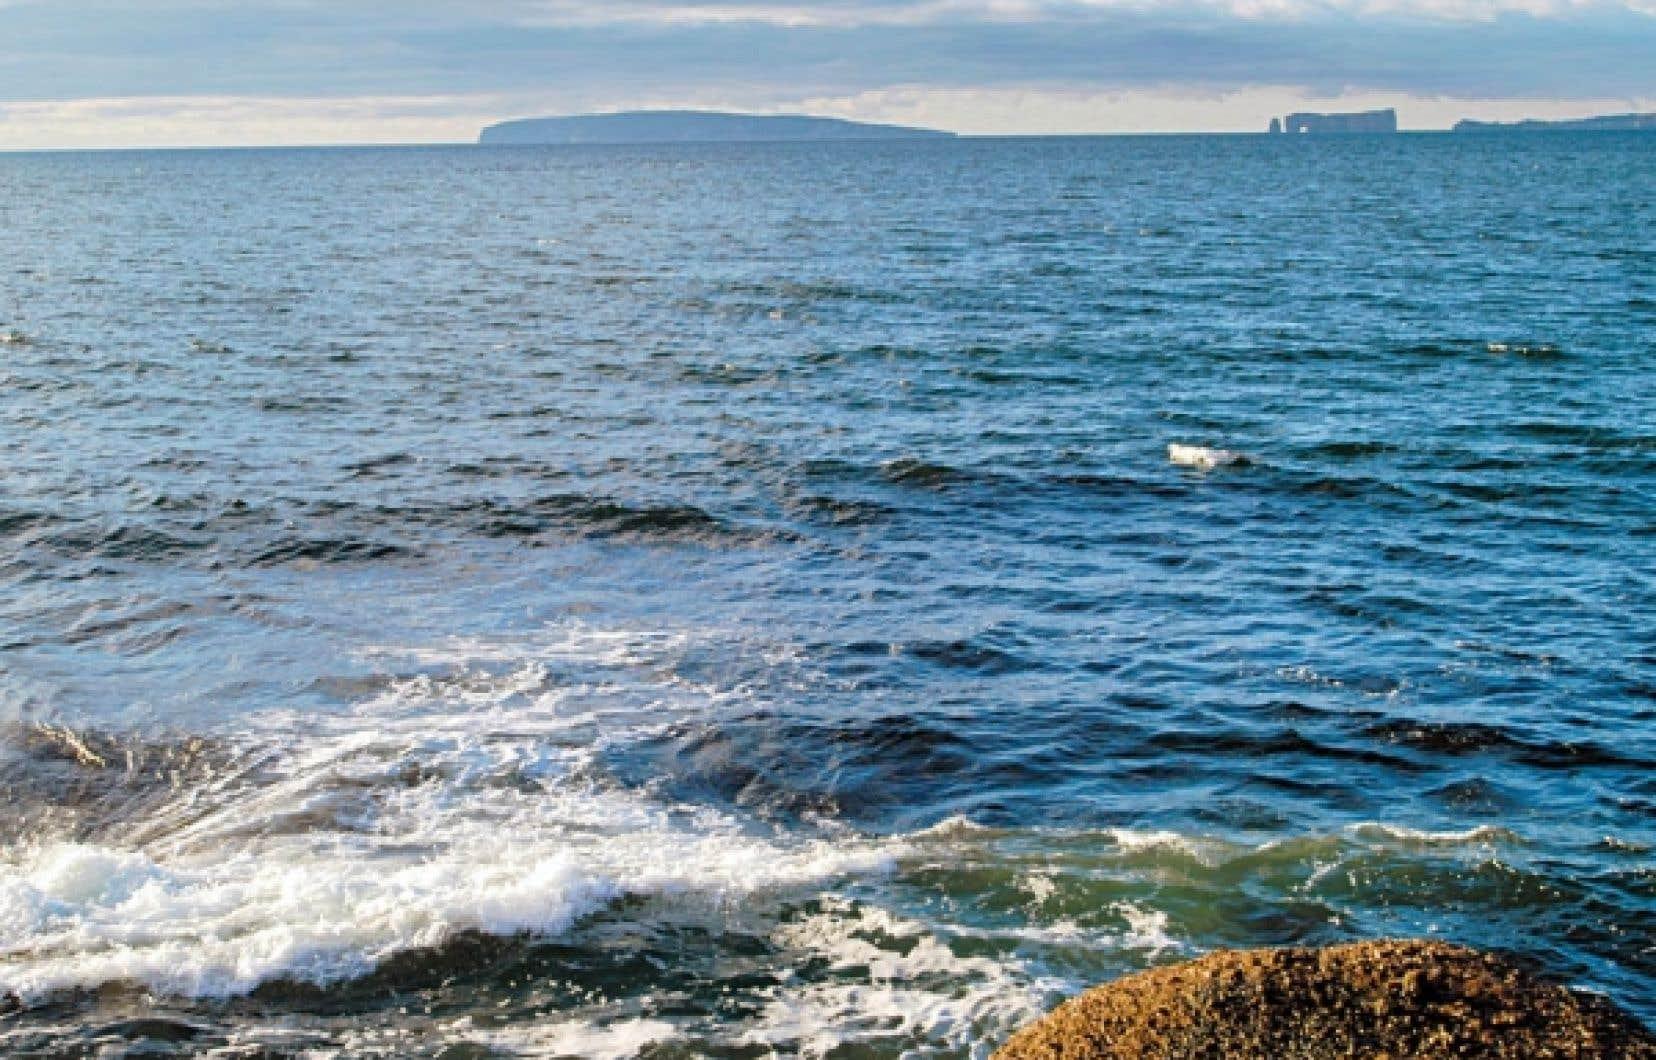 La Gasp&eacute;sie fait partie du vaste territoire marin o&ugrave; des projets p&eacute;troliers ou gaziers pourraient &ecirc;tre entrepris.<br />